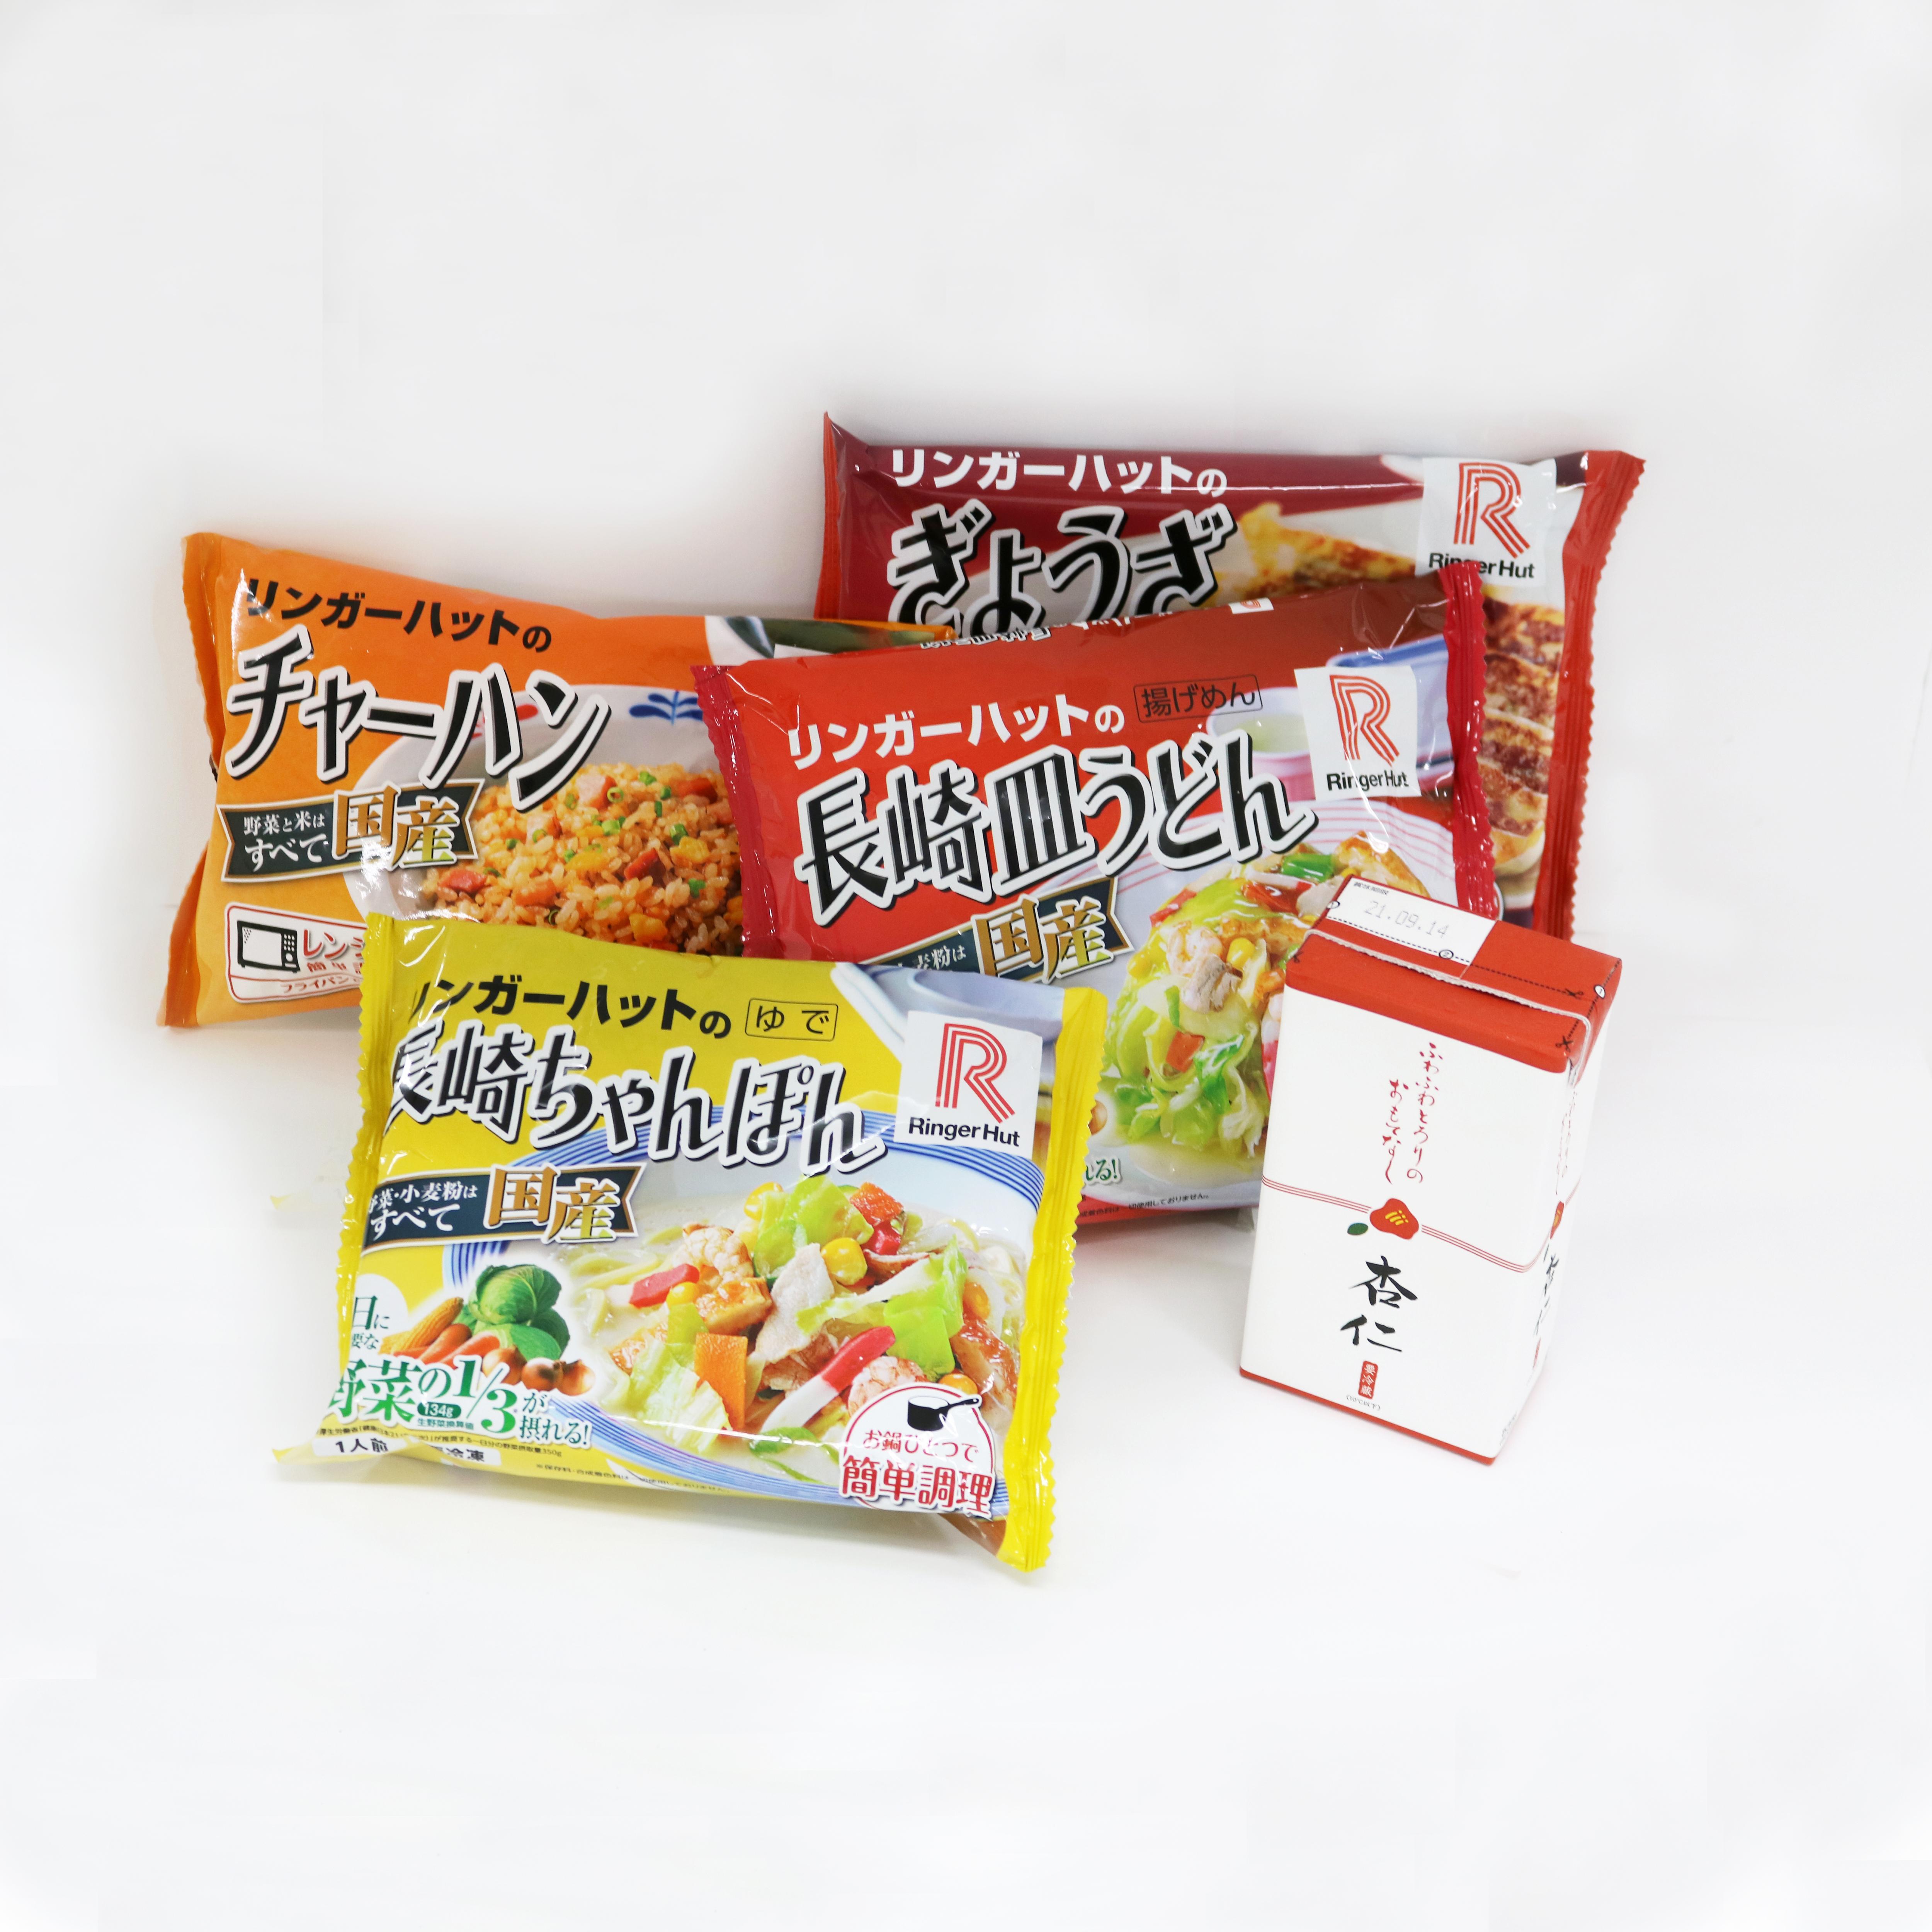 リンガーハット <夏のとっておきMENU>リンガーハットの冷凍食品!:イメージ